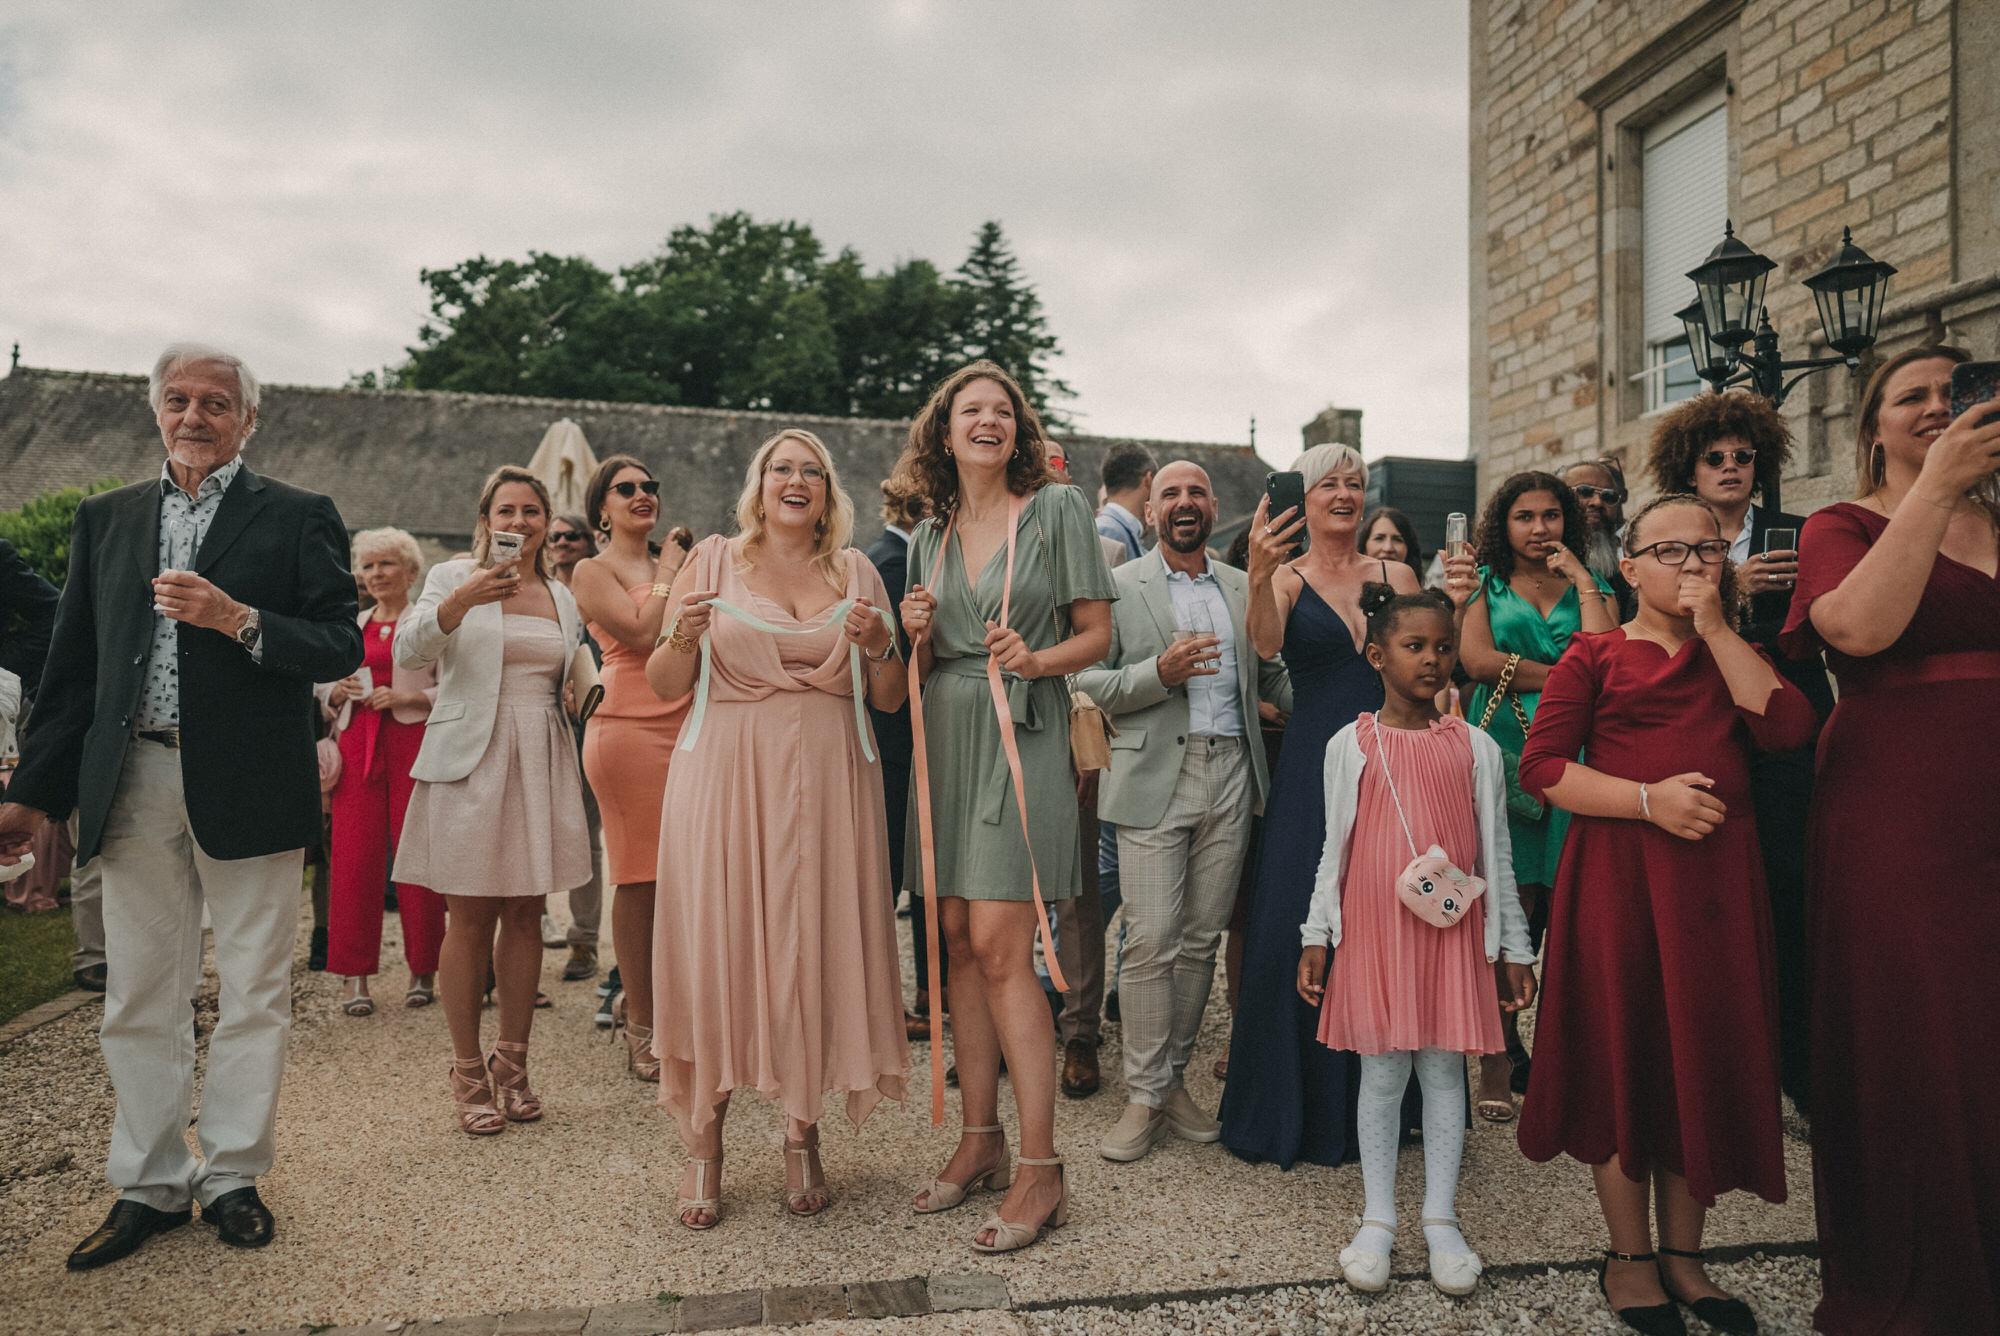 Photo De Mariage Au Manoir De Kerhuel A Plouneour Lanvern De Perle Danilson Par Antoine Borzeix 743, Photographe & Videaste à Brest / Finistère